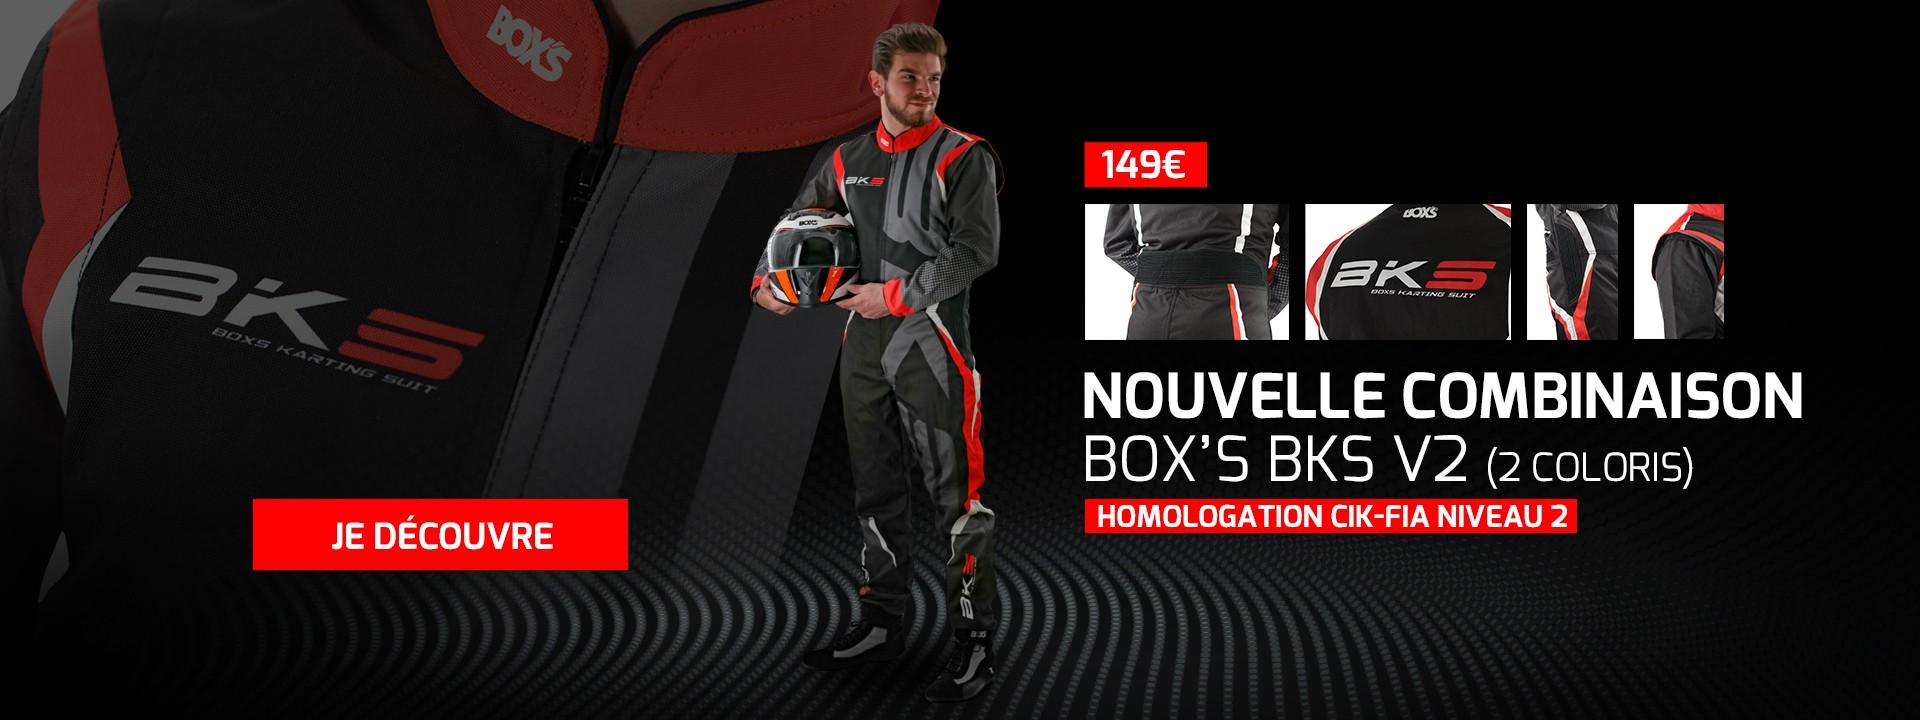 Nouvelle combinaison BOX'S BKS V2